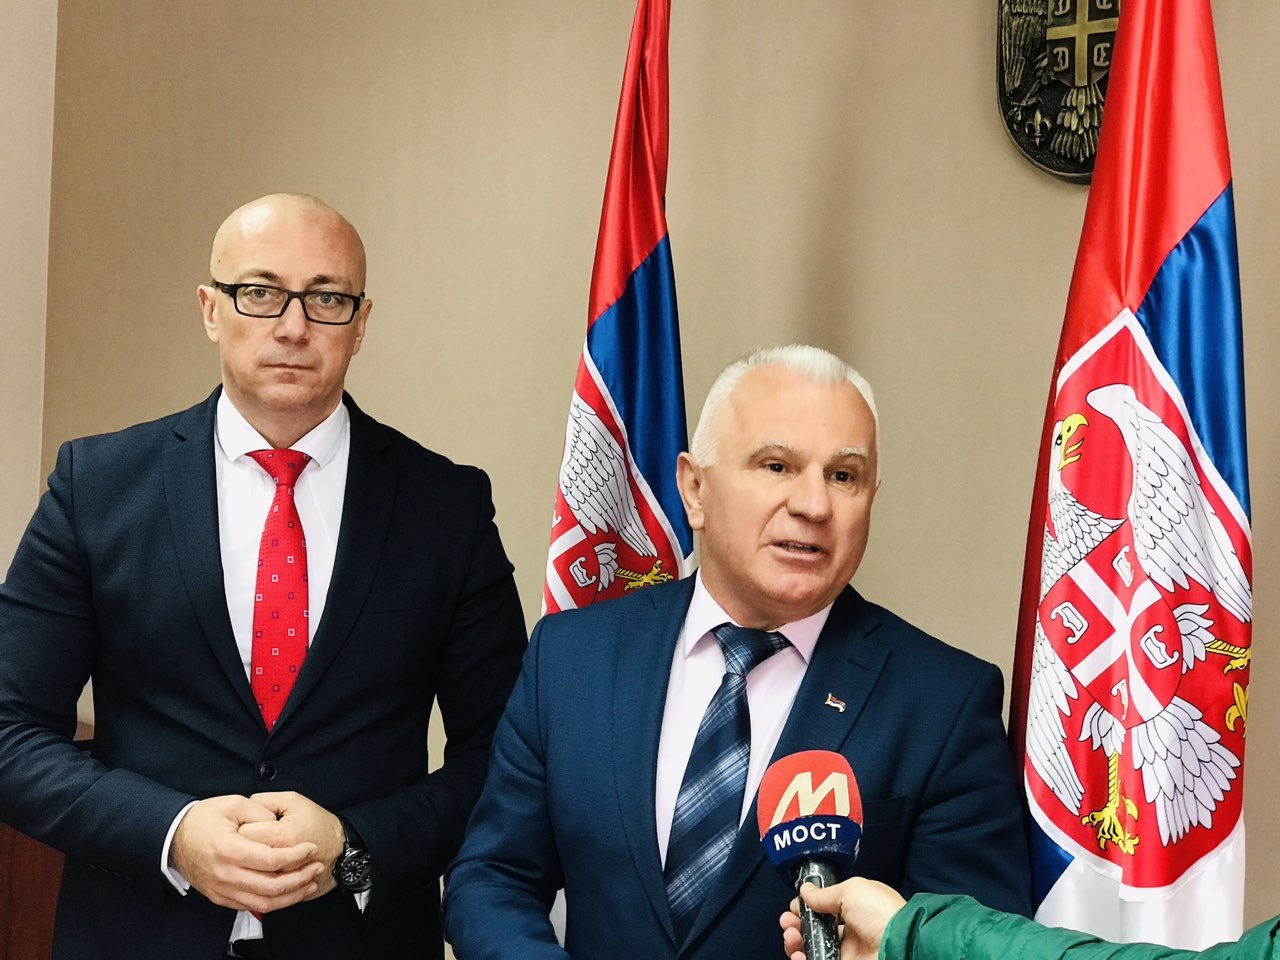 Arlov  podržao  srpske kandidate na vanrednim lokalnim izborima 19.maja na sevru KiM